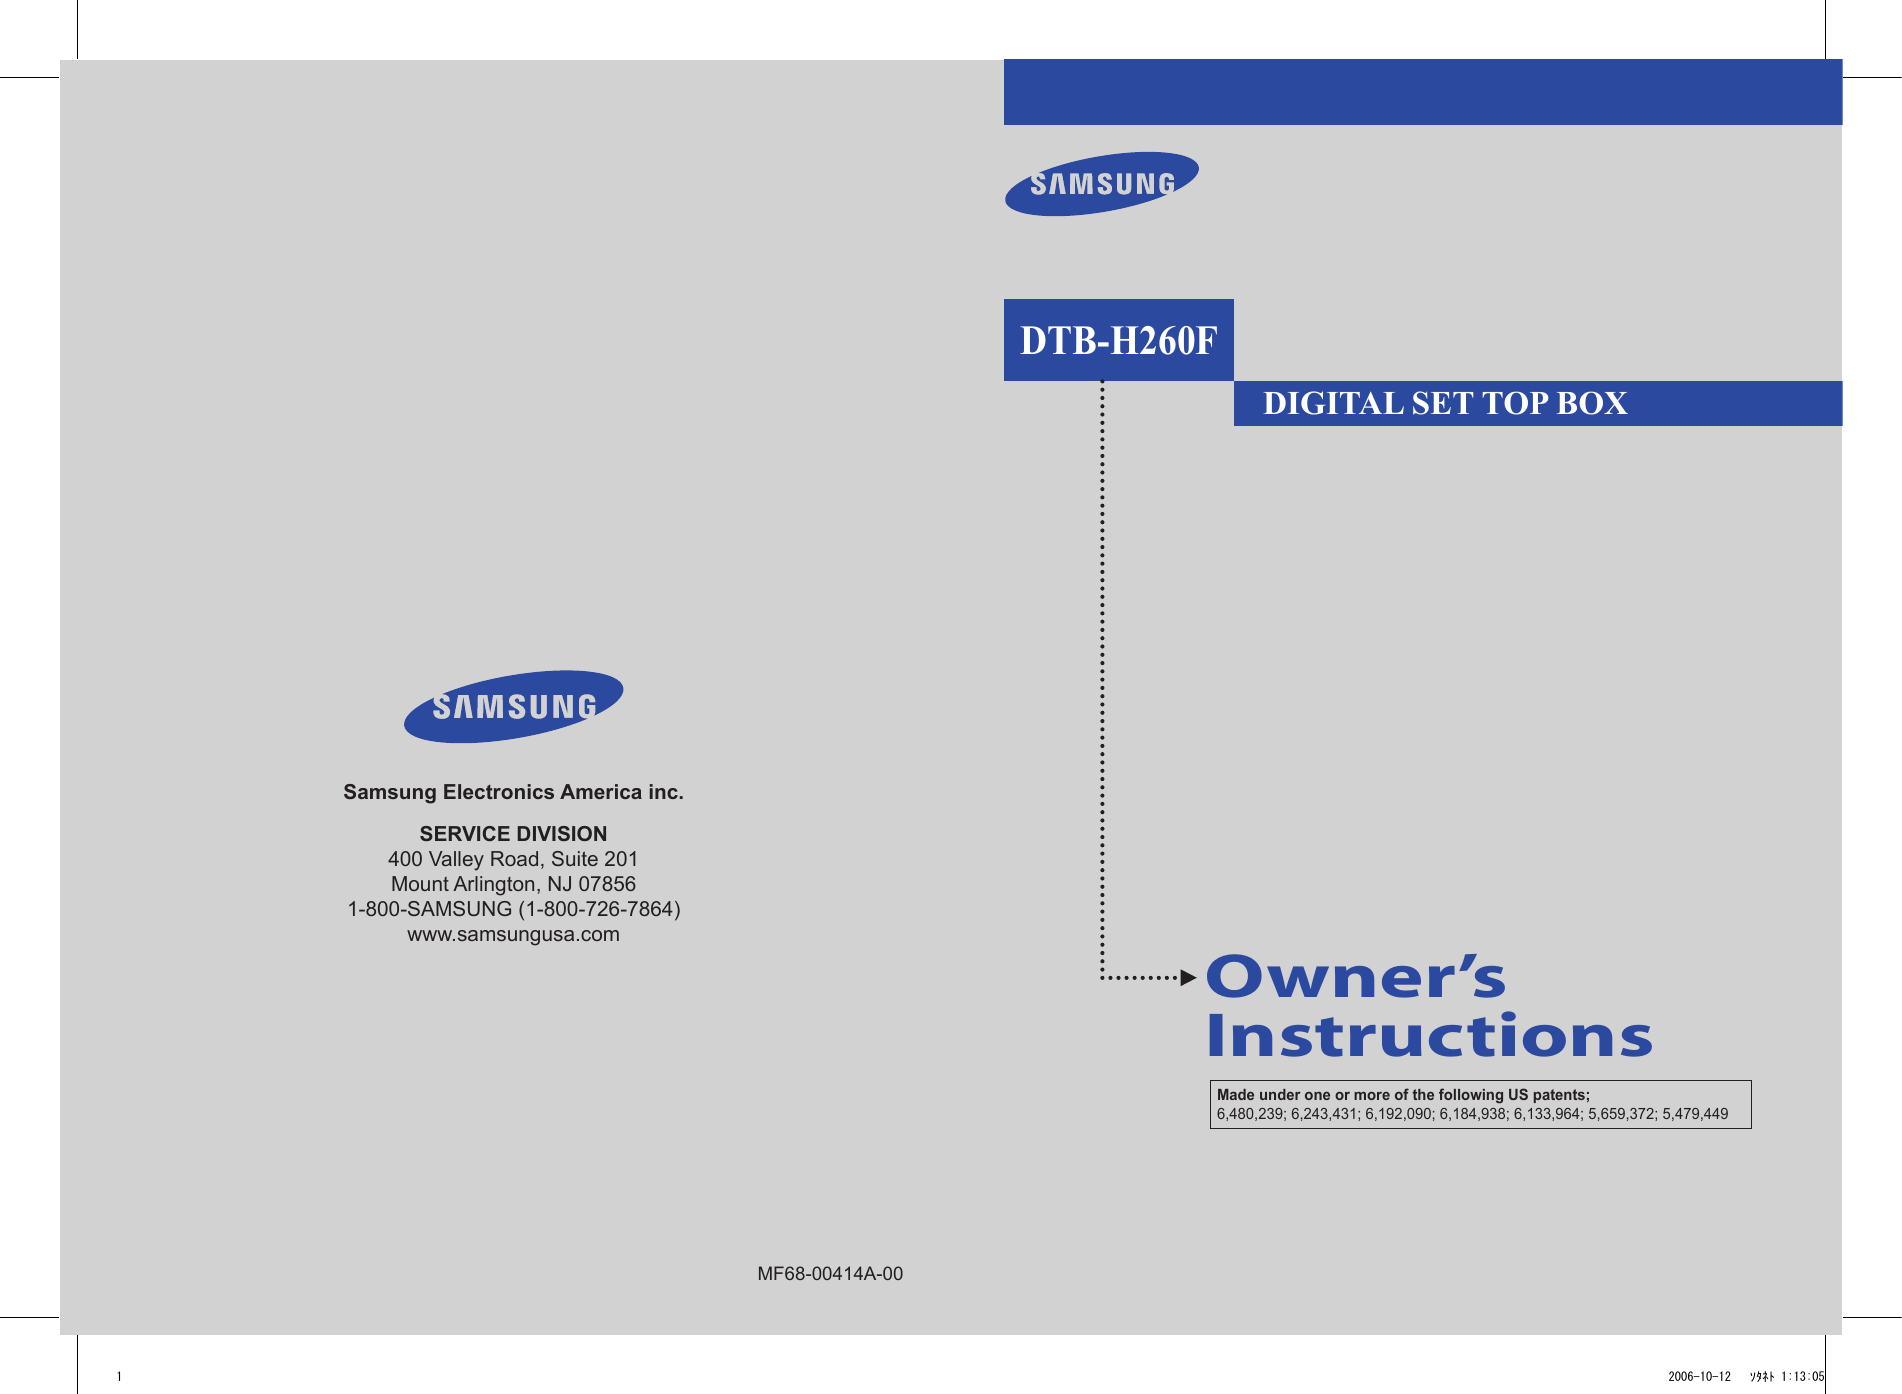 Samsung digital hdtv receiver dtb h269f for sale online | ebay.